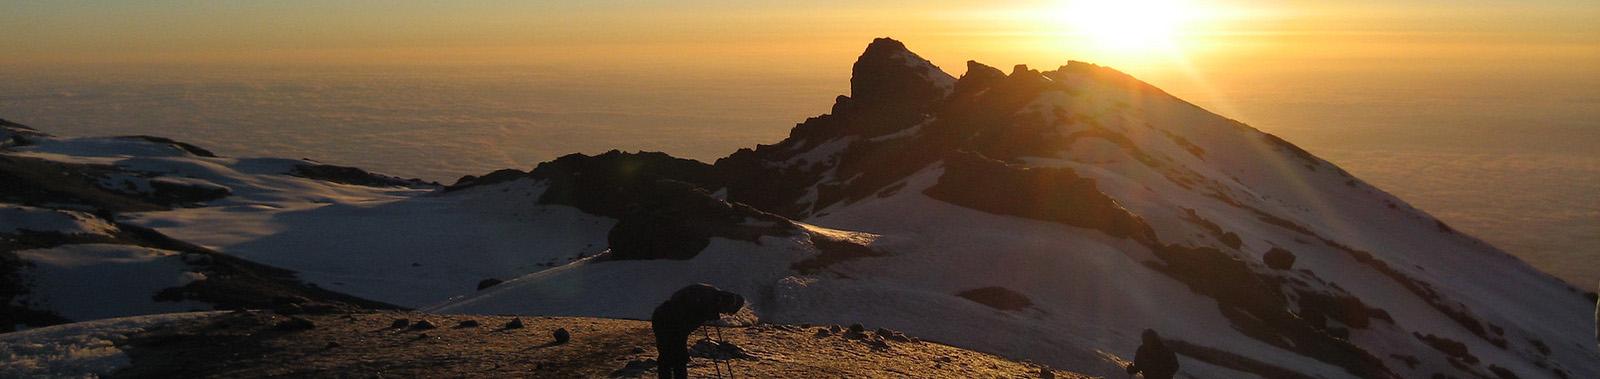 Kilimanjaro gilman's point